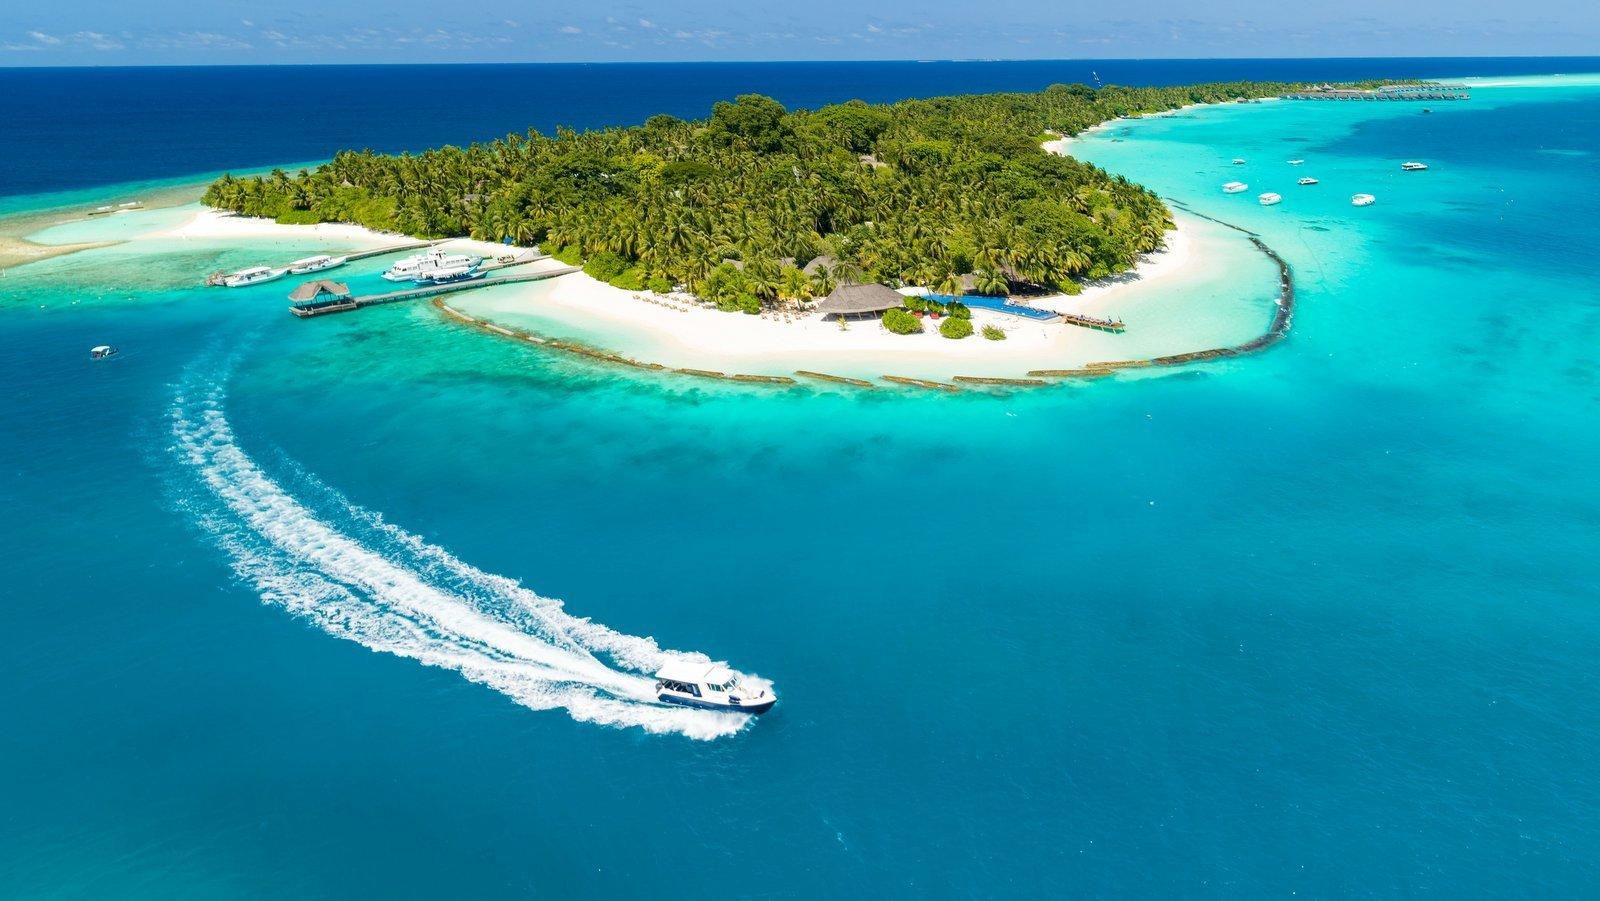 Мальдивы, отель Kuramathi Maldives